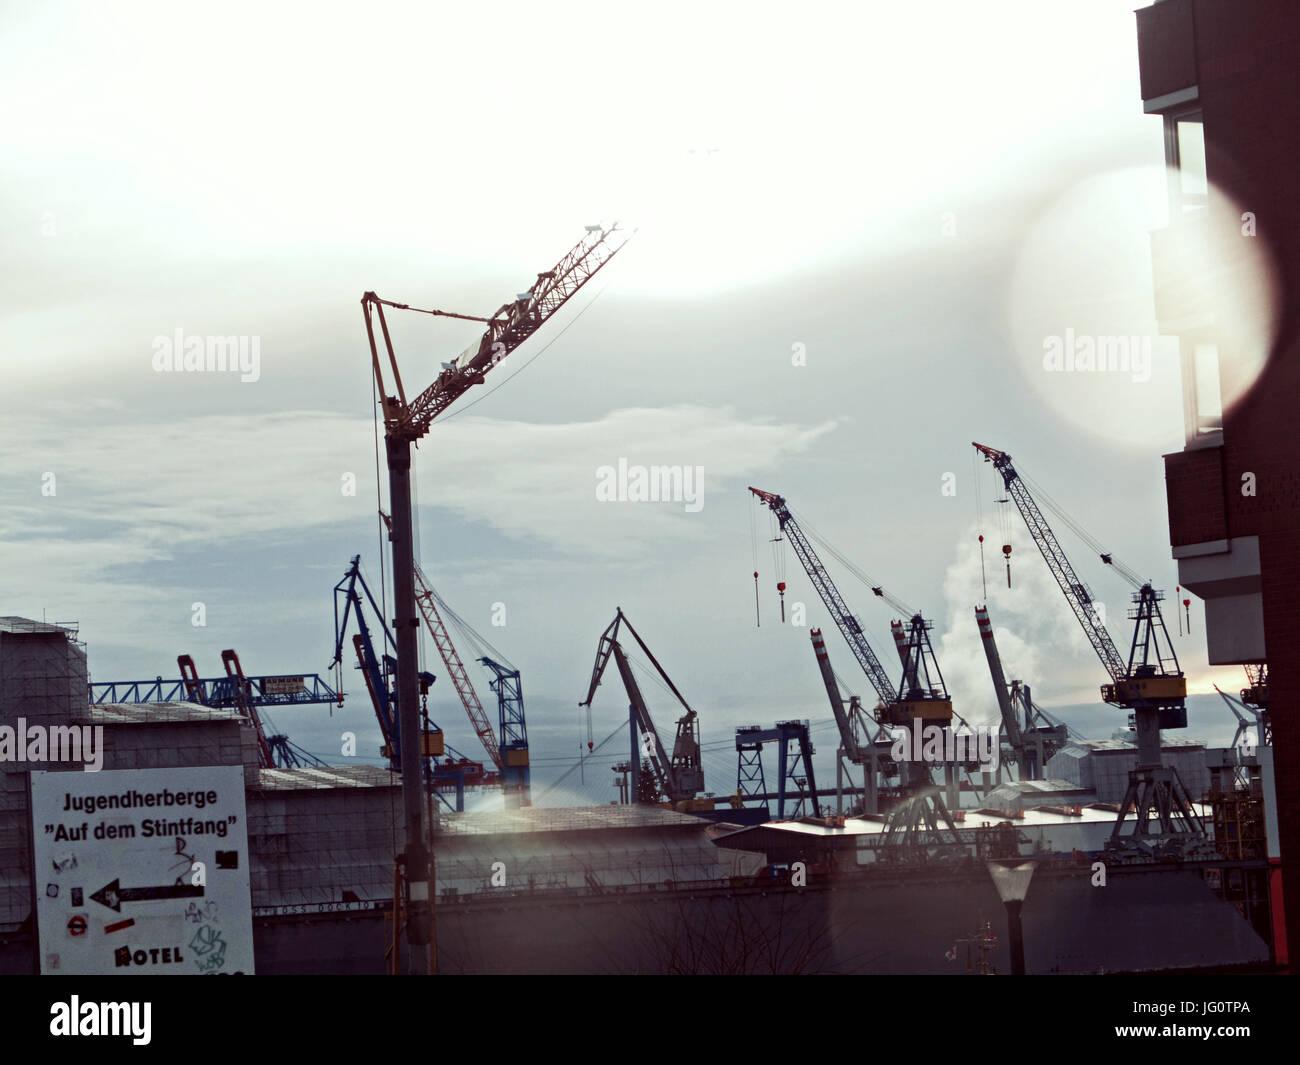 Ausblick-Docks Vom Stindfang Stockbild